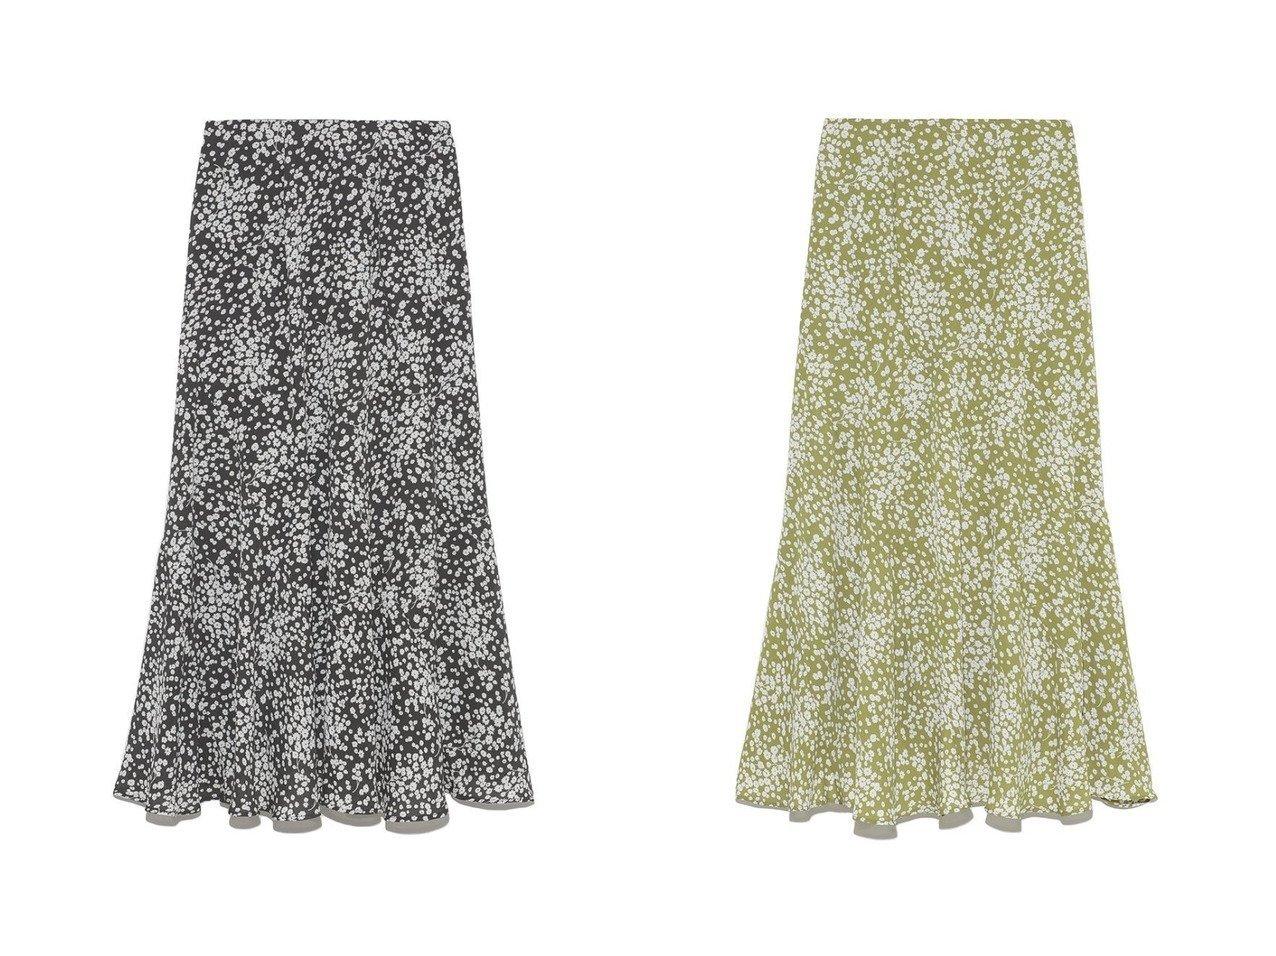 【Mila Owen/ミラオーウェン】のバイアス切替えプリントナロースカート スカートのおすすめ!人気、レディースファッションの通販 おすすめで人気のファッション通販商品 インテリア・家具・キッズファッション・メンズファッション・レディースファッション・服の通販 founy(ファニー) https://founy.com/ ファッション Fashion レディース WOMEN スカート Skirt バイアス フィット プリント 楽ちん |ID:crp329100000001177